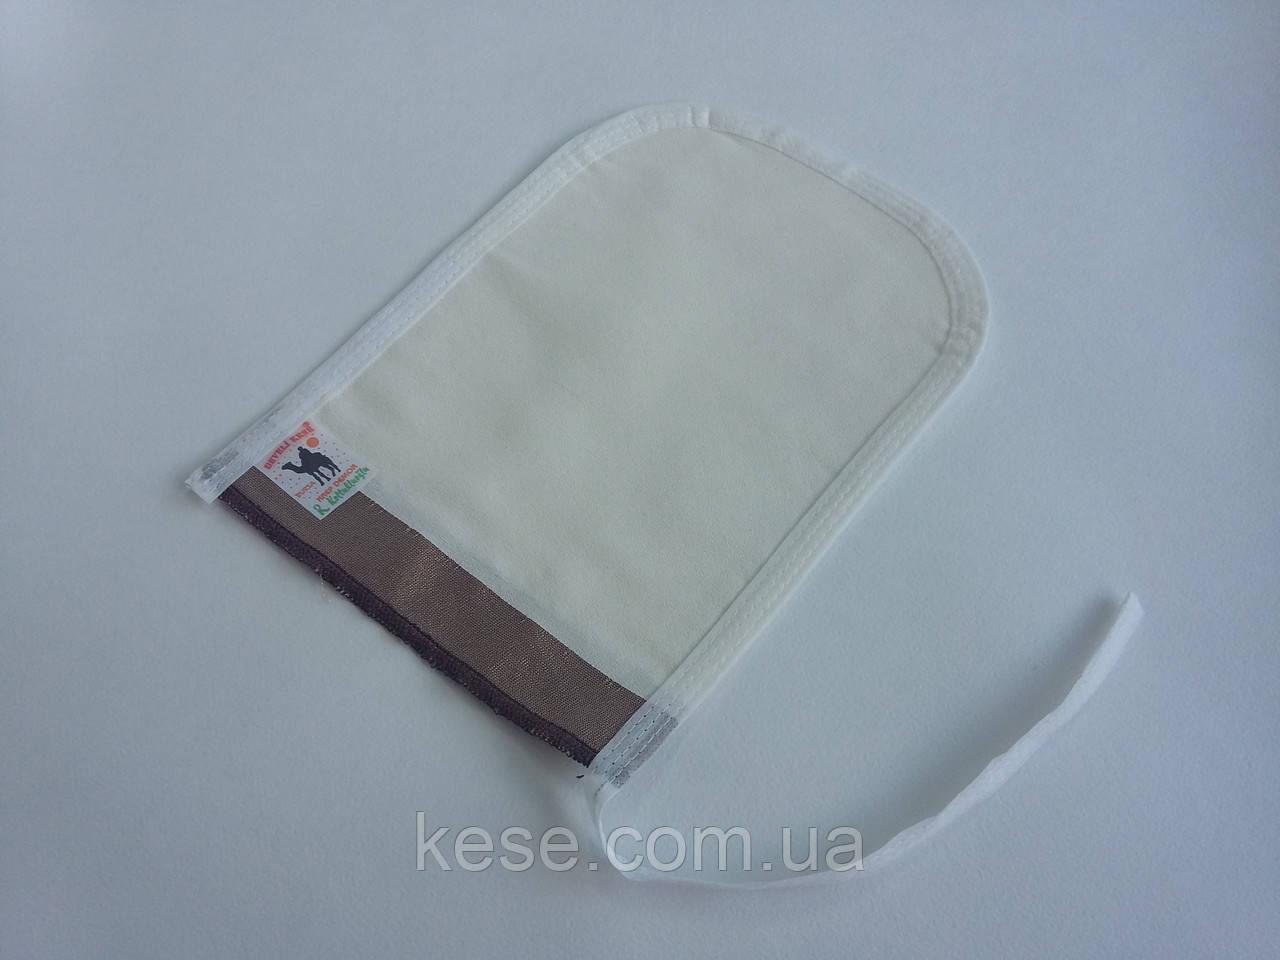 Рукавица кесе для пилинга (мягкой текстуры).